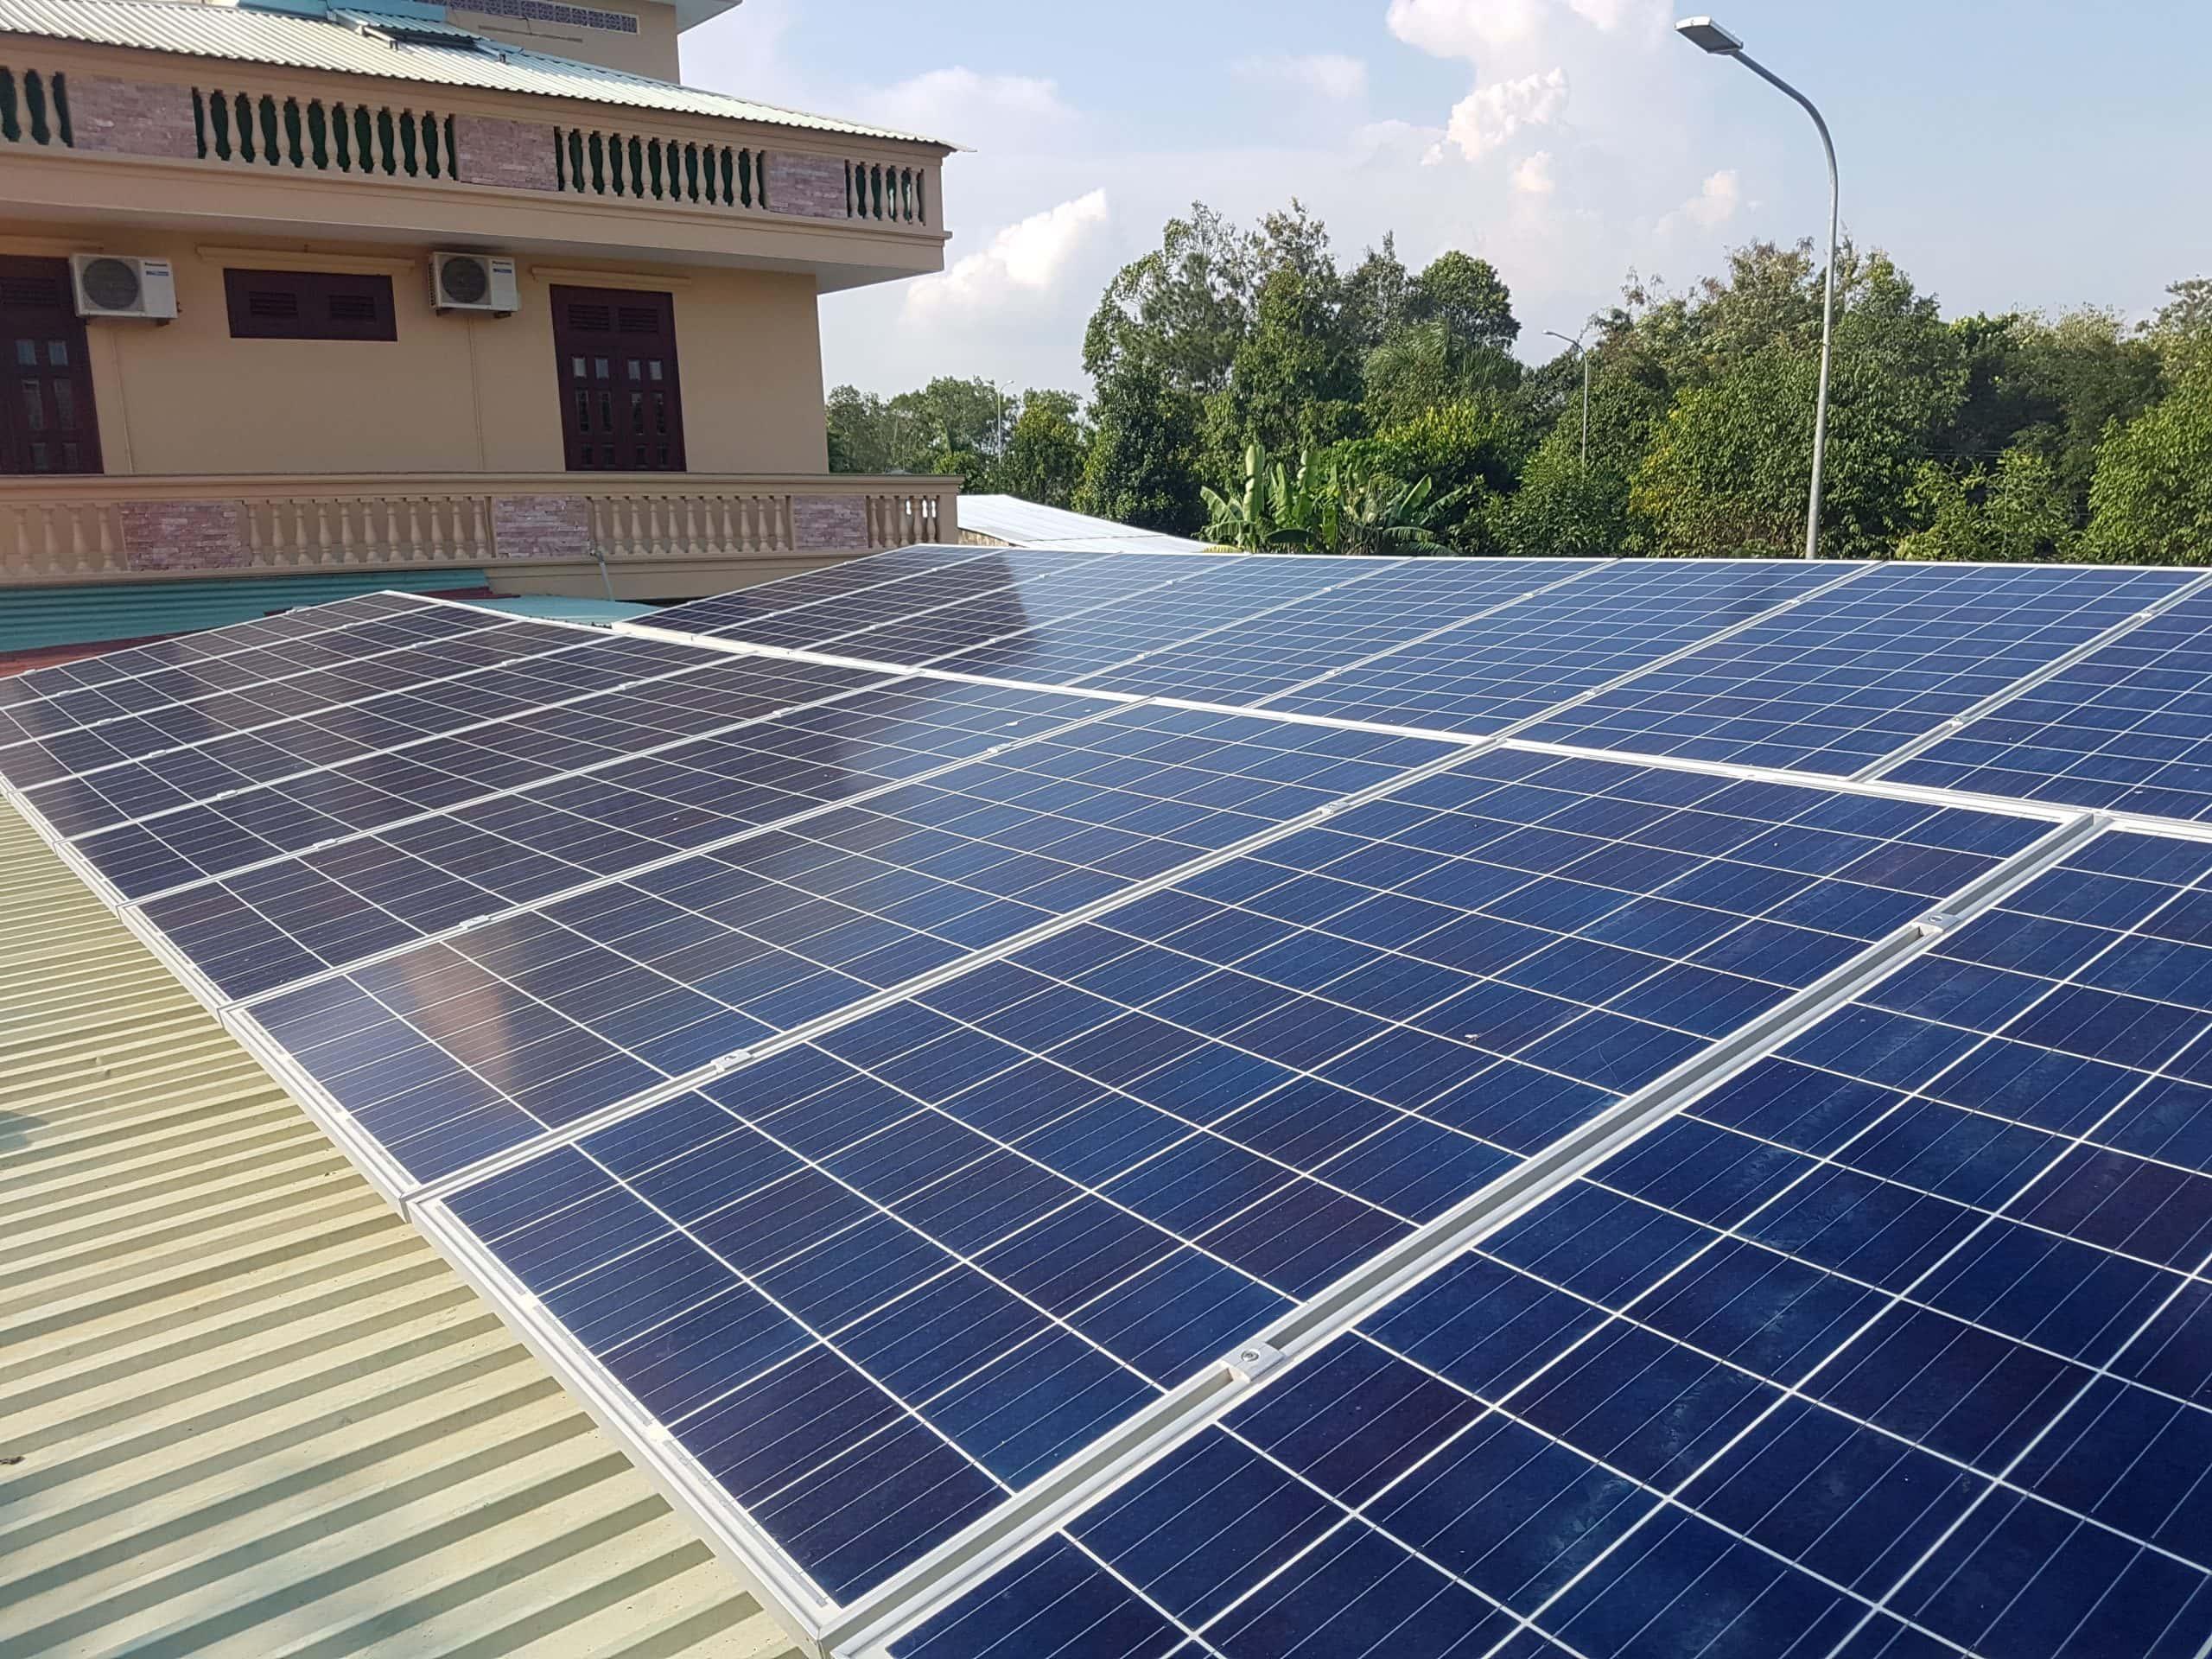 điện năng lượng mặt trời hòa lưới 8kwp